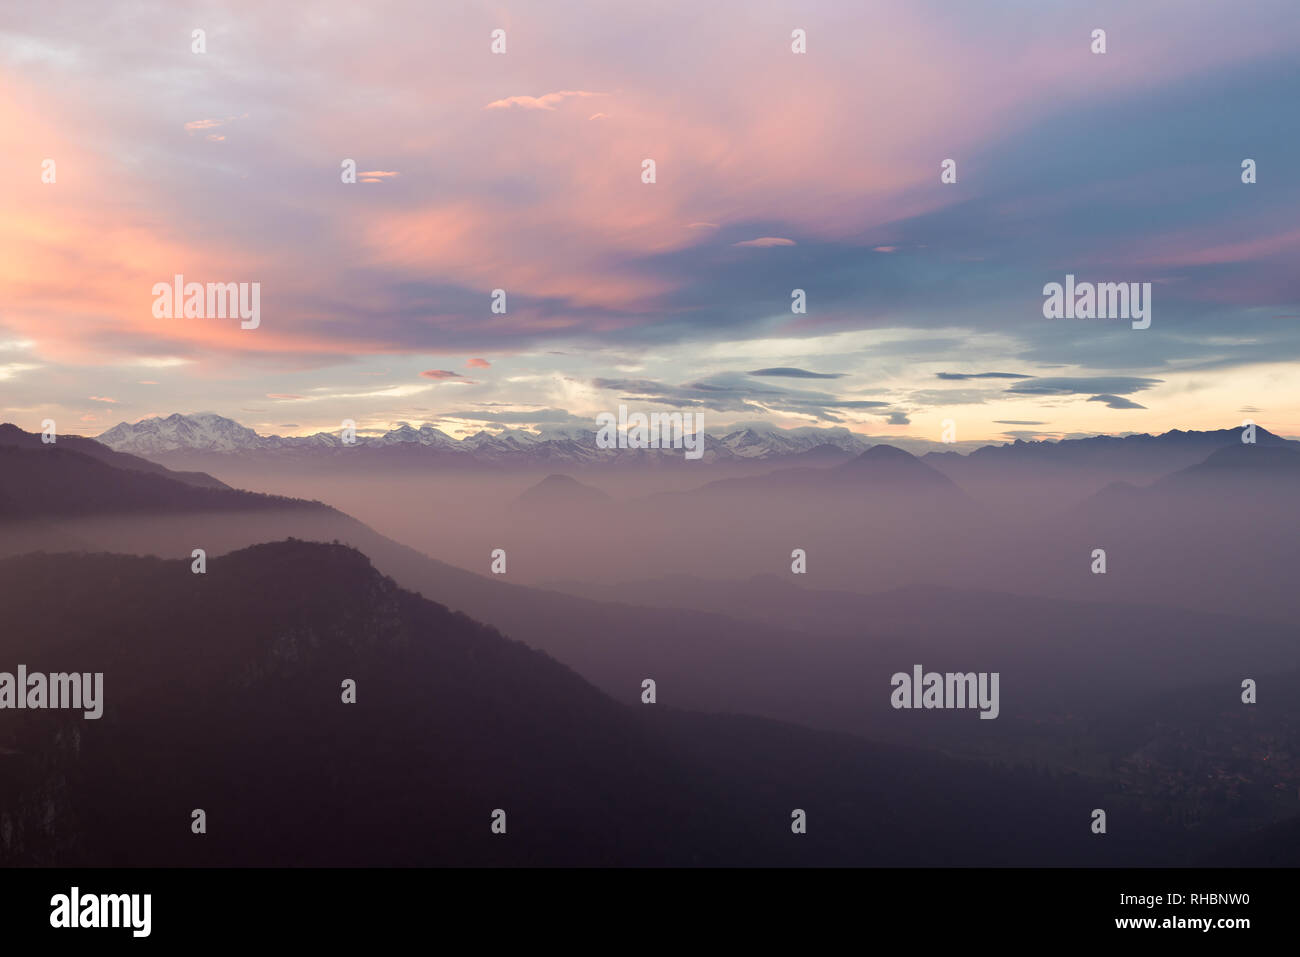 La chaîne des Alpes avec le Mont Rose, coucher de soleil colorés avec brouillard, Italie Photo Stock